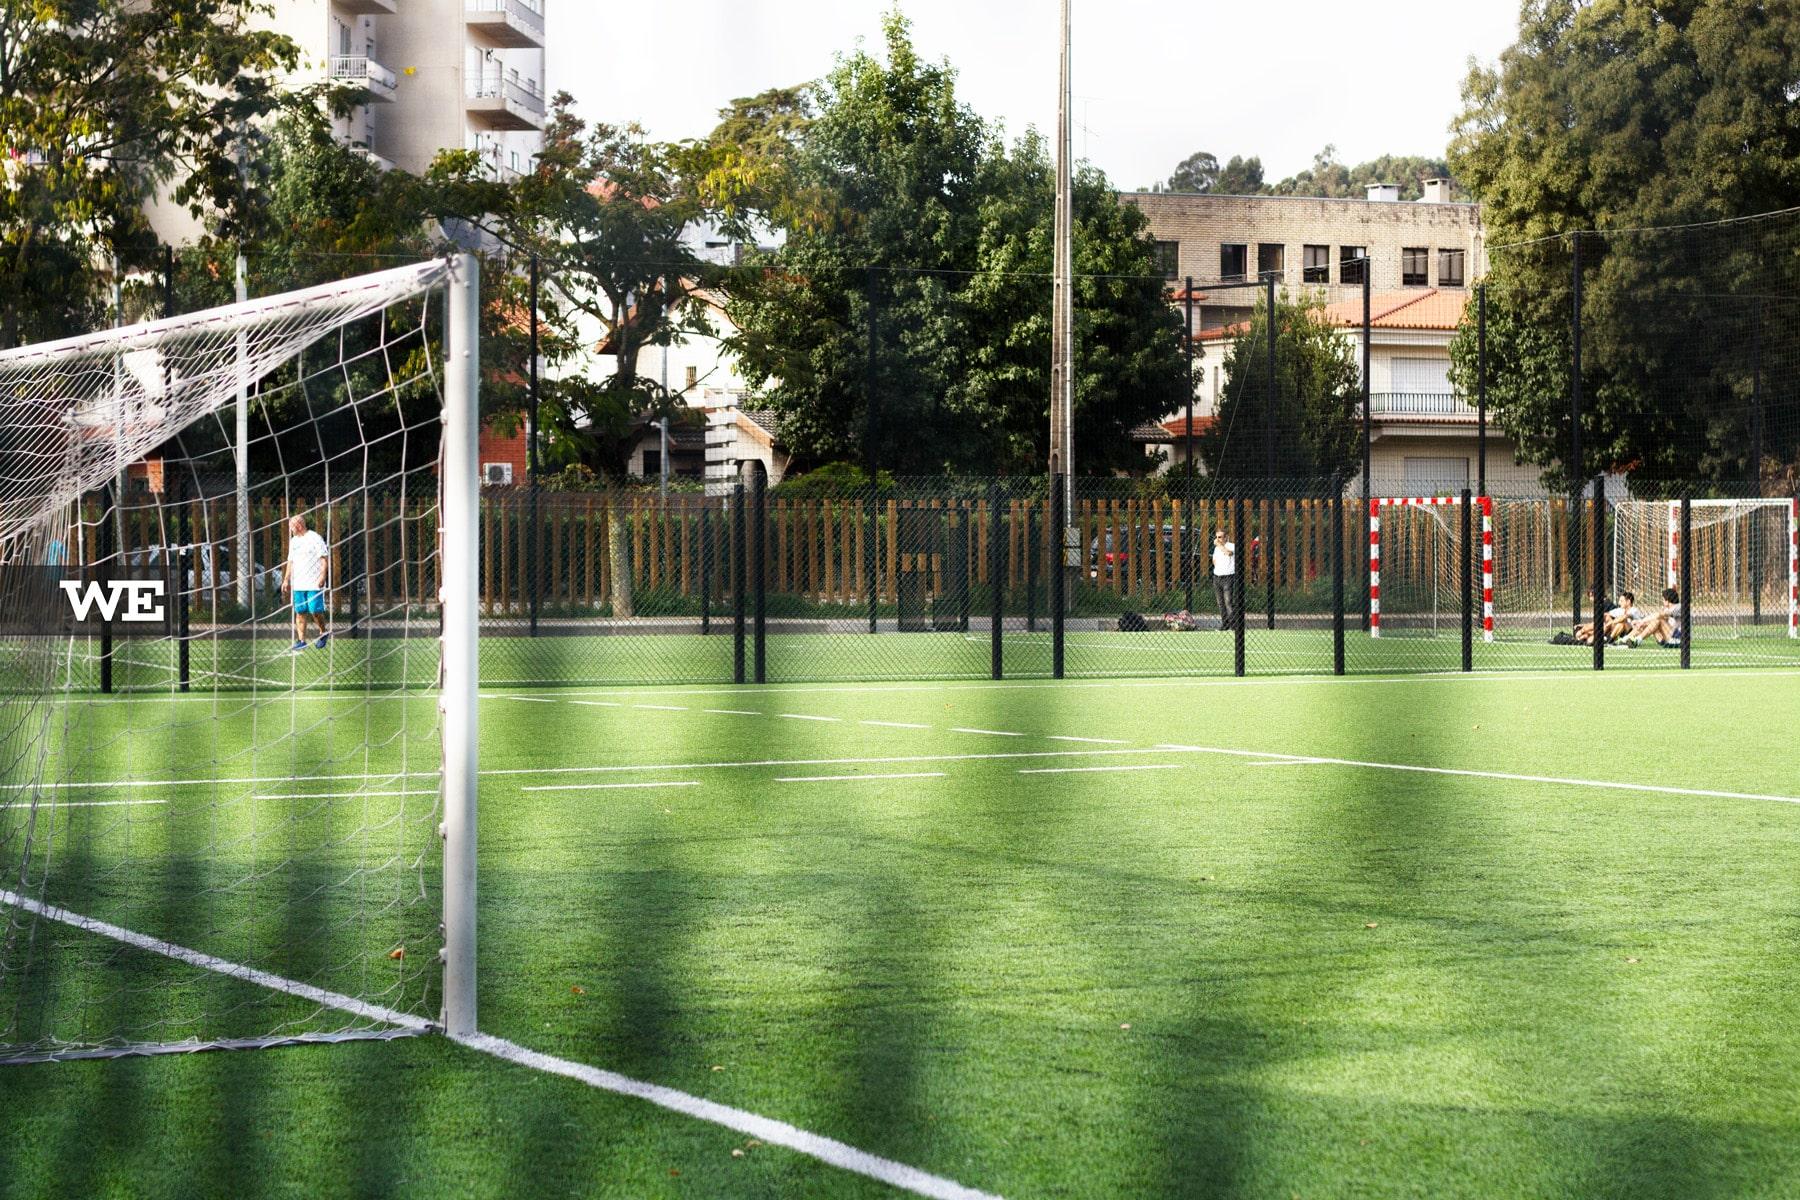 Campos Parque Desportivo da Rodovia